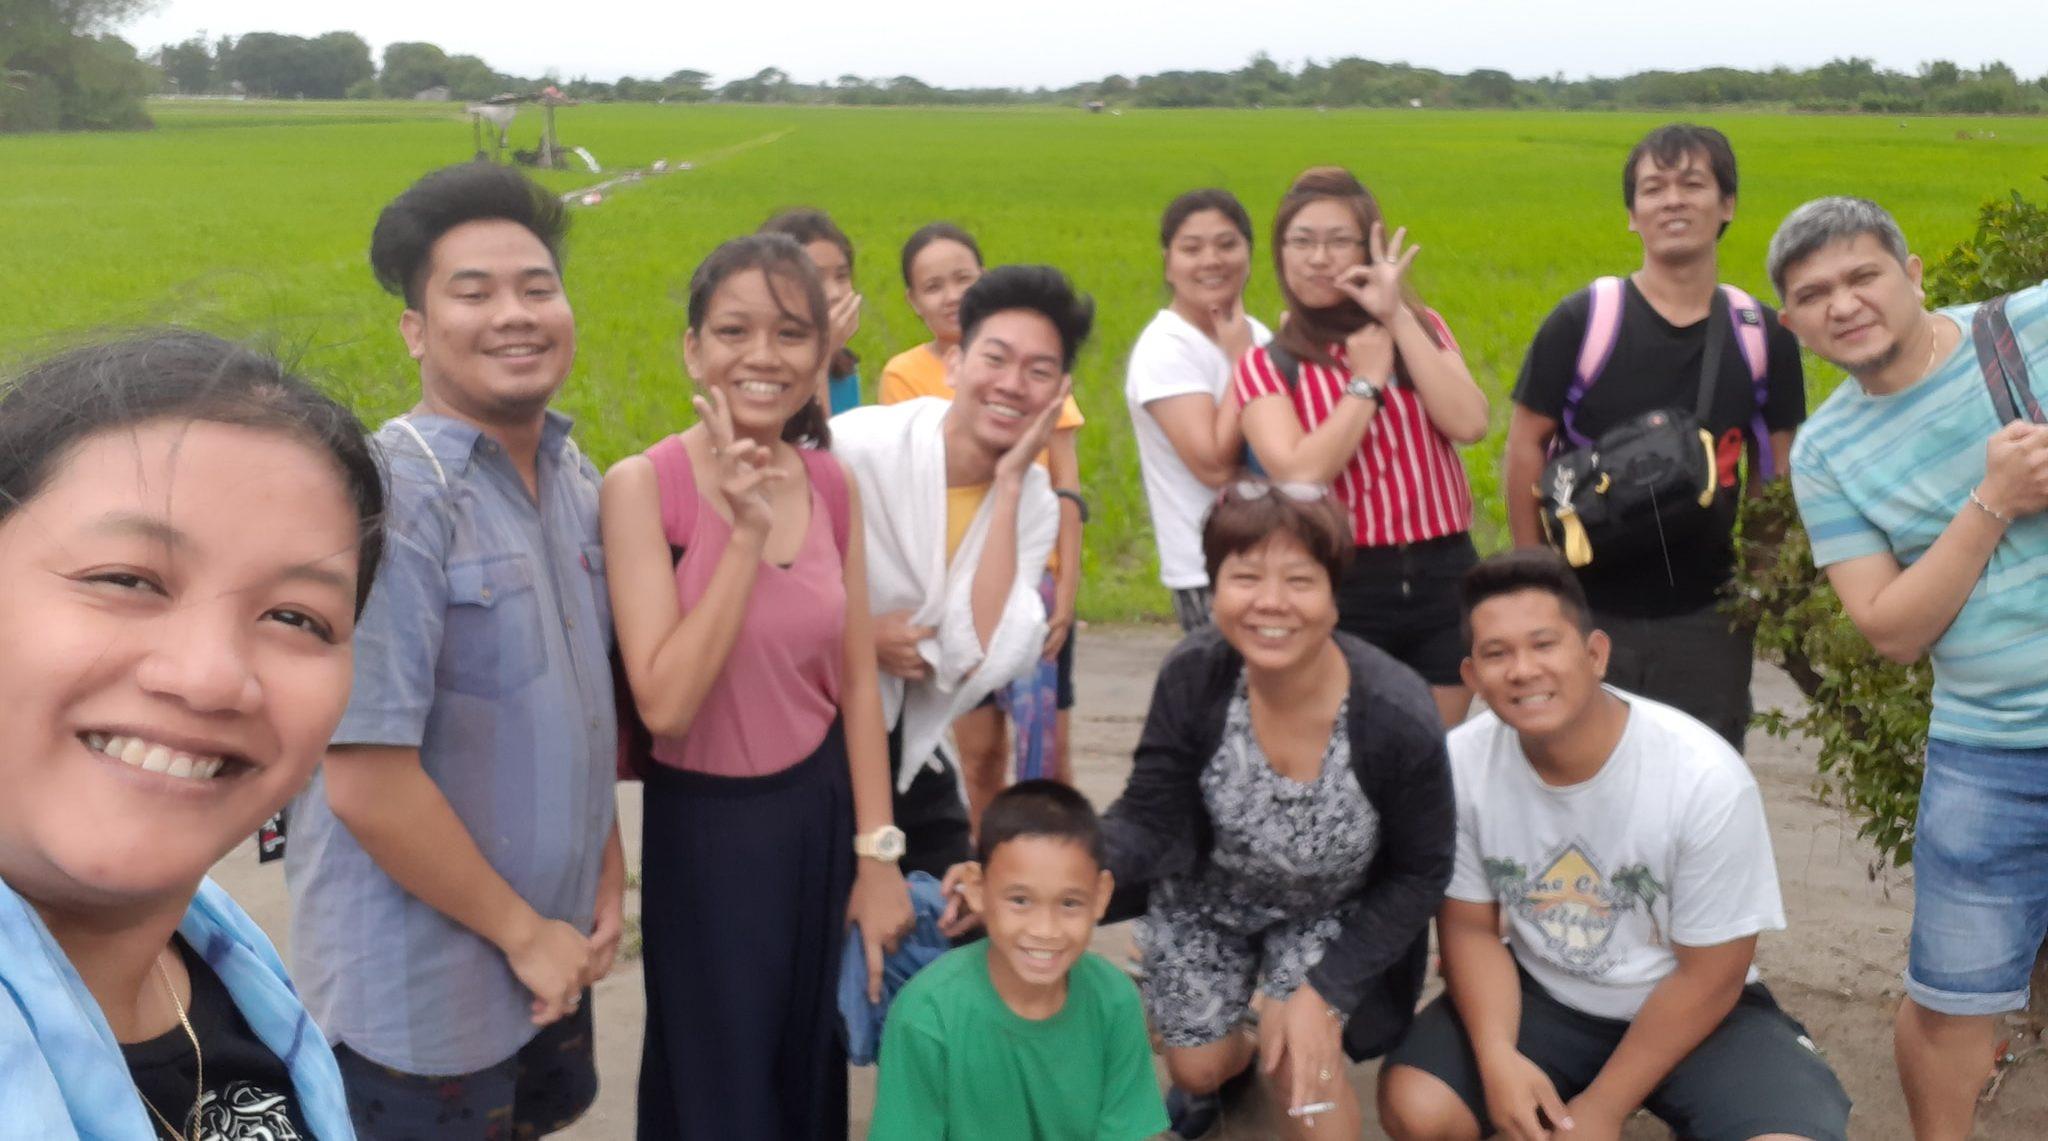 フィリピン人と日本人の家族愛の違い